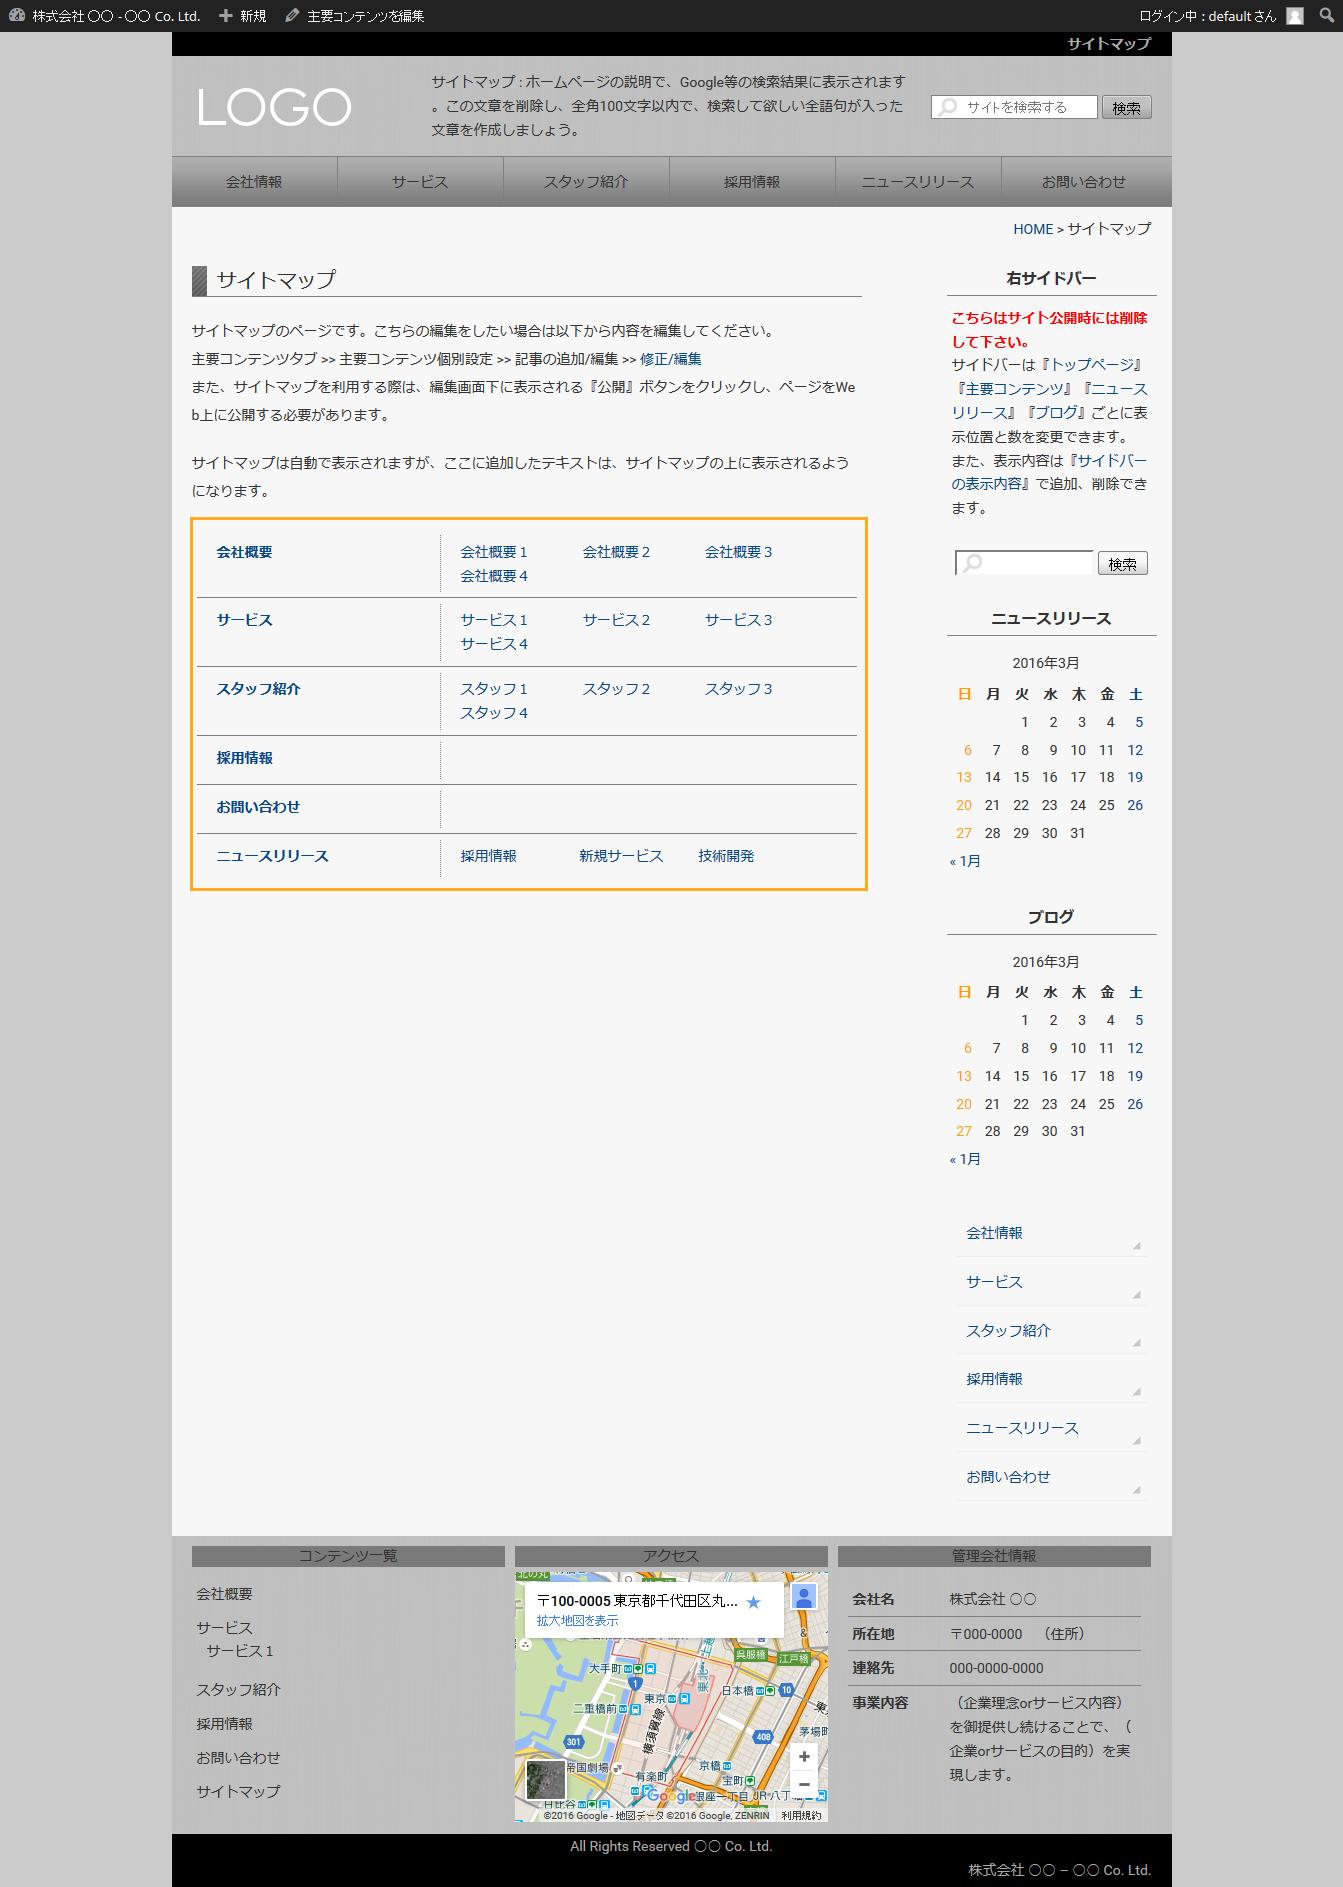 サイトマップのテーブルレイアウト - 簡単格安ホームページ作成会社 -FunMaker